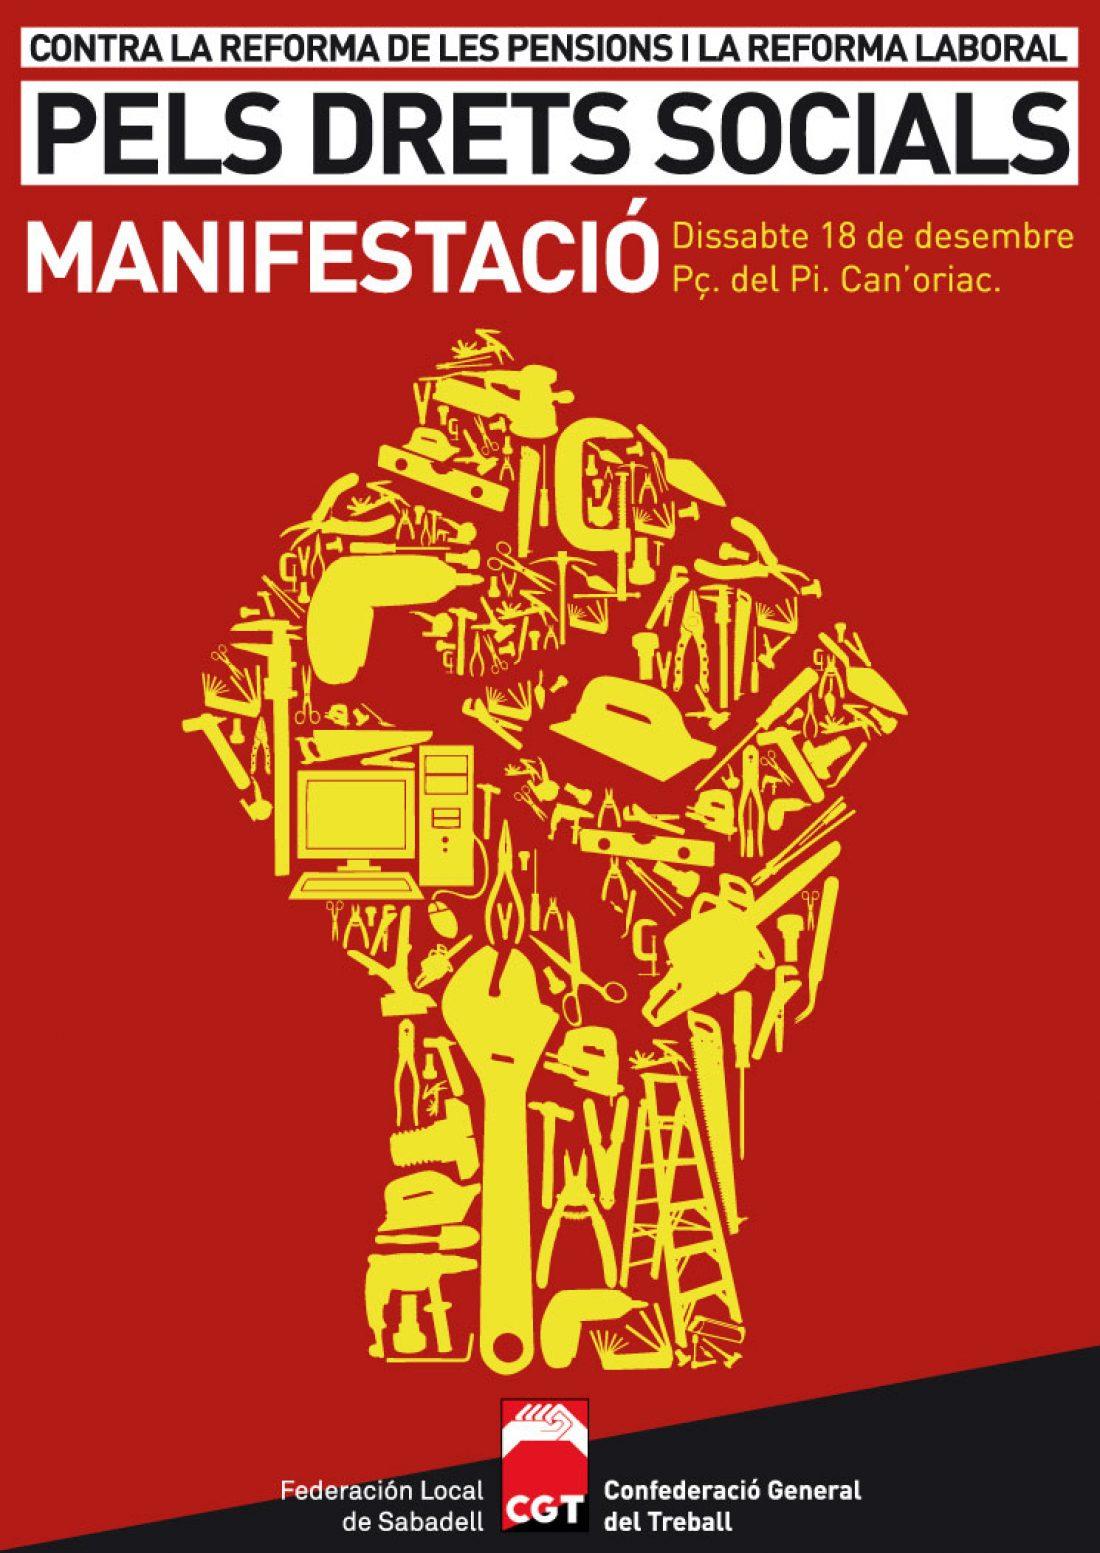 Sabadell, 14 y 18 de diciembre: Jornada y Manifestación contra las reformas laboral y de pensiones